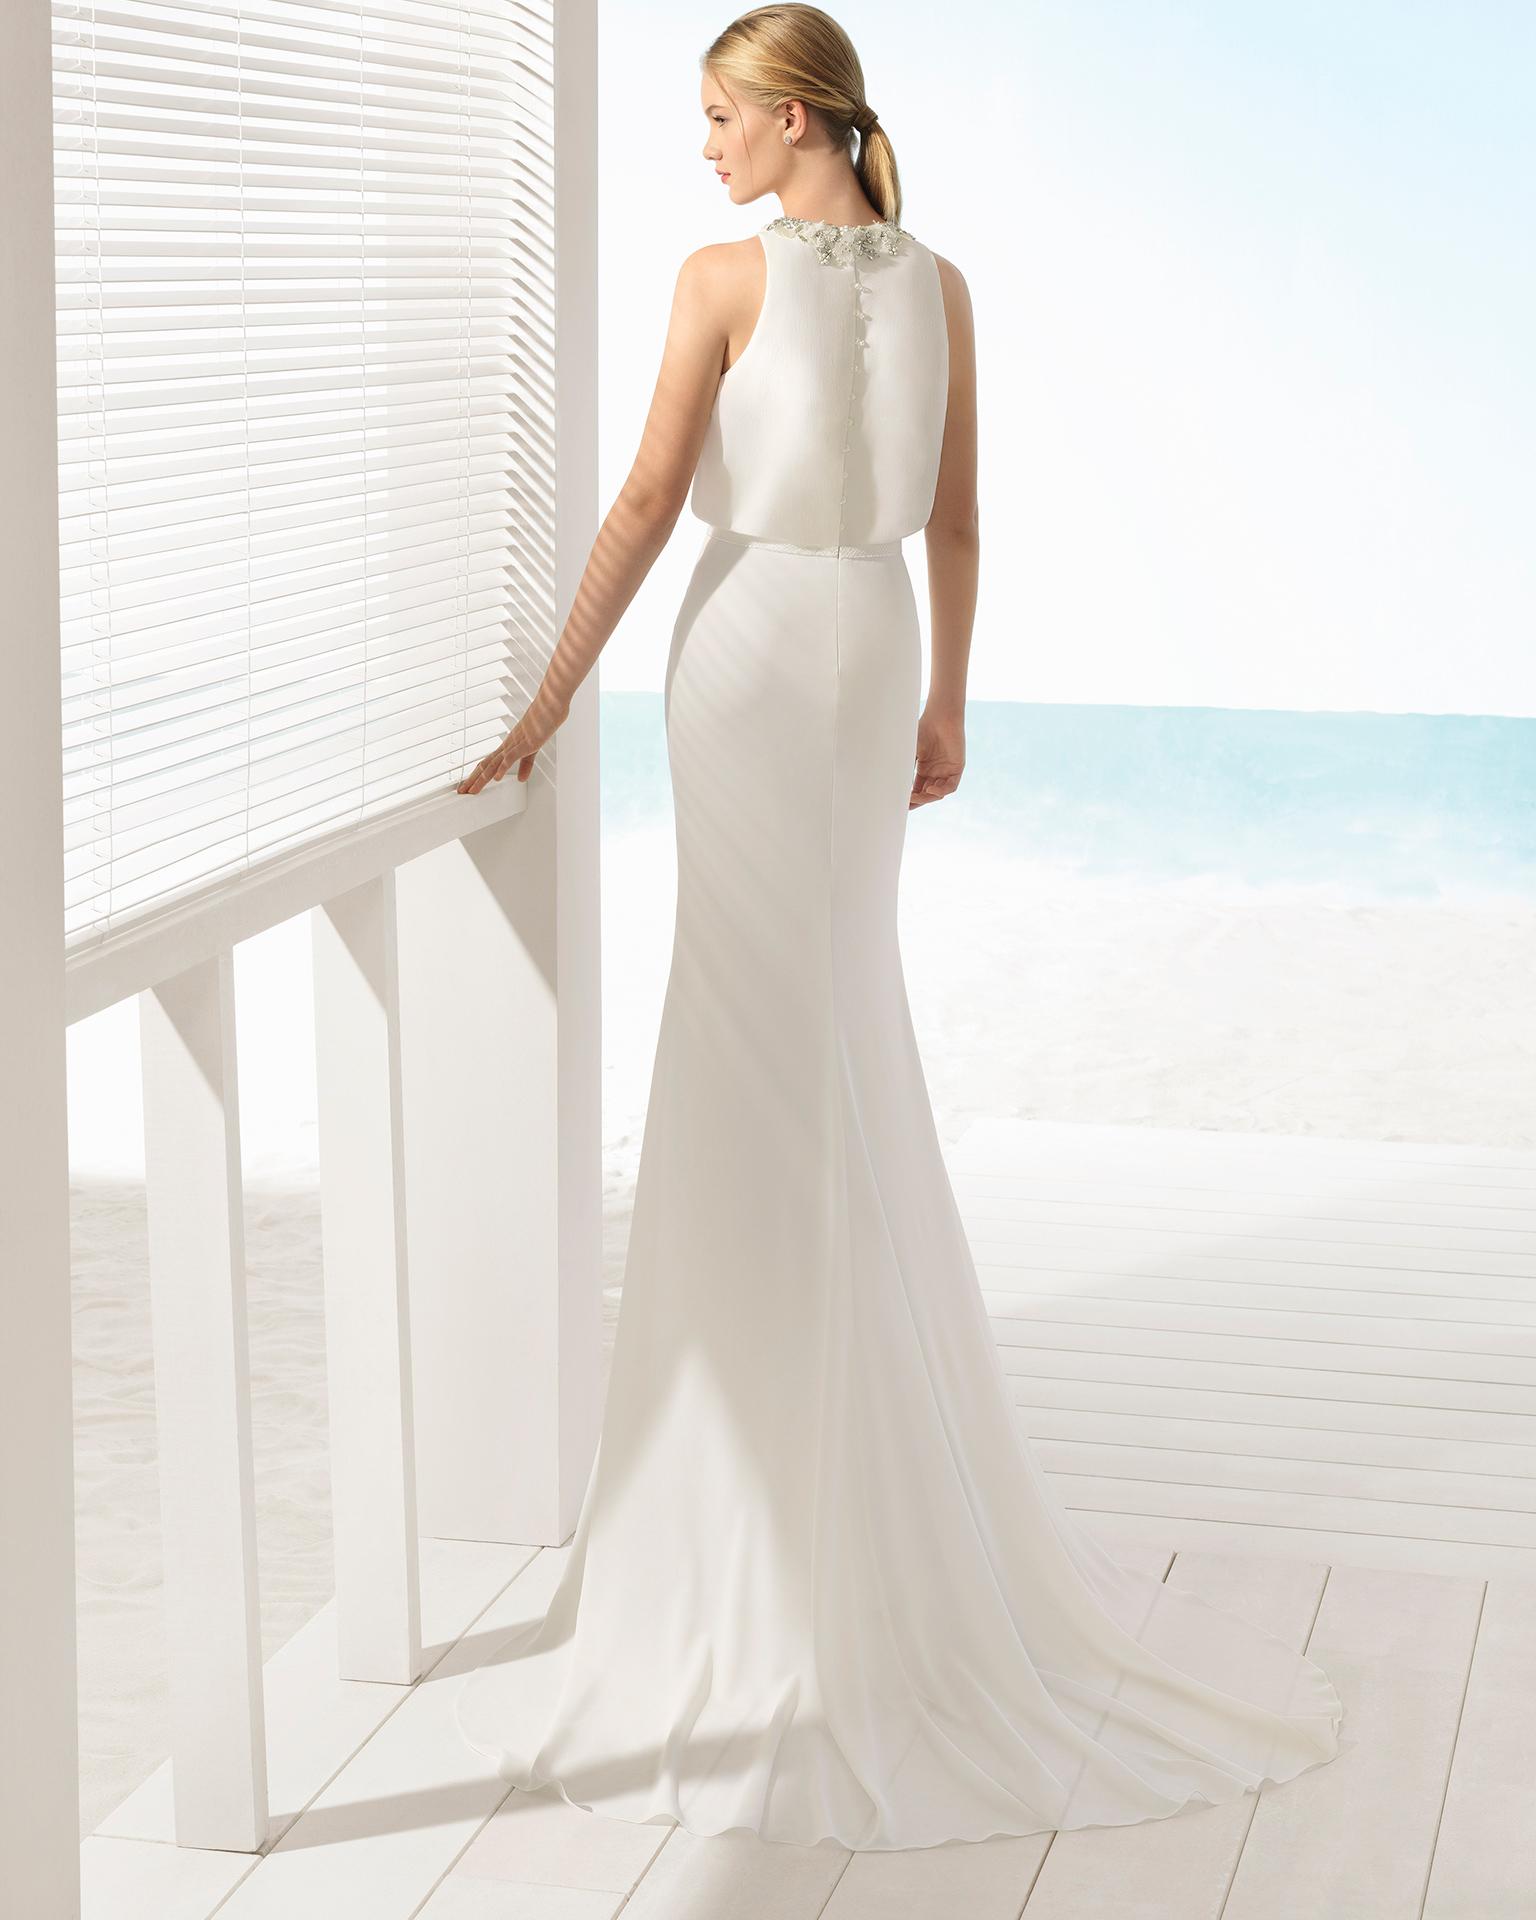 Rochie de mireasă în stil boho din georgette cu decolteu halter cu flori din cristal de culoare ecru și ecru/rosé.